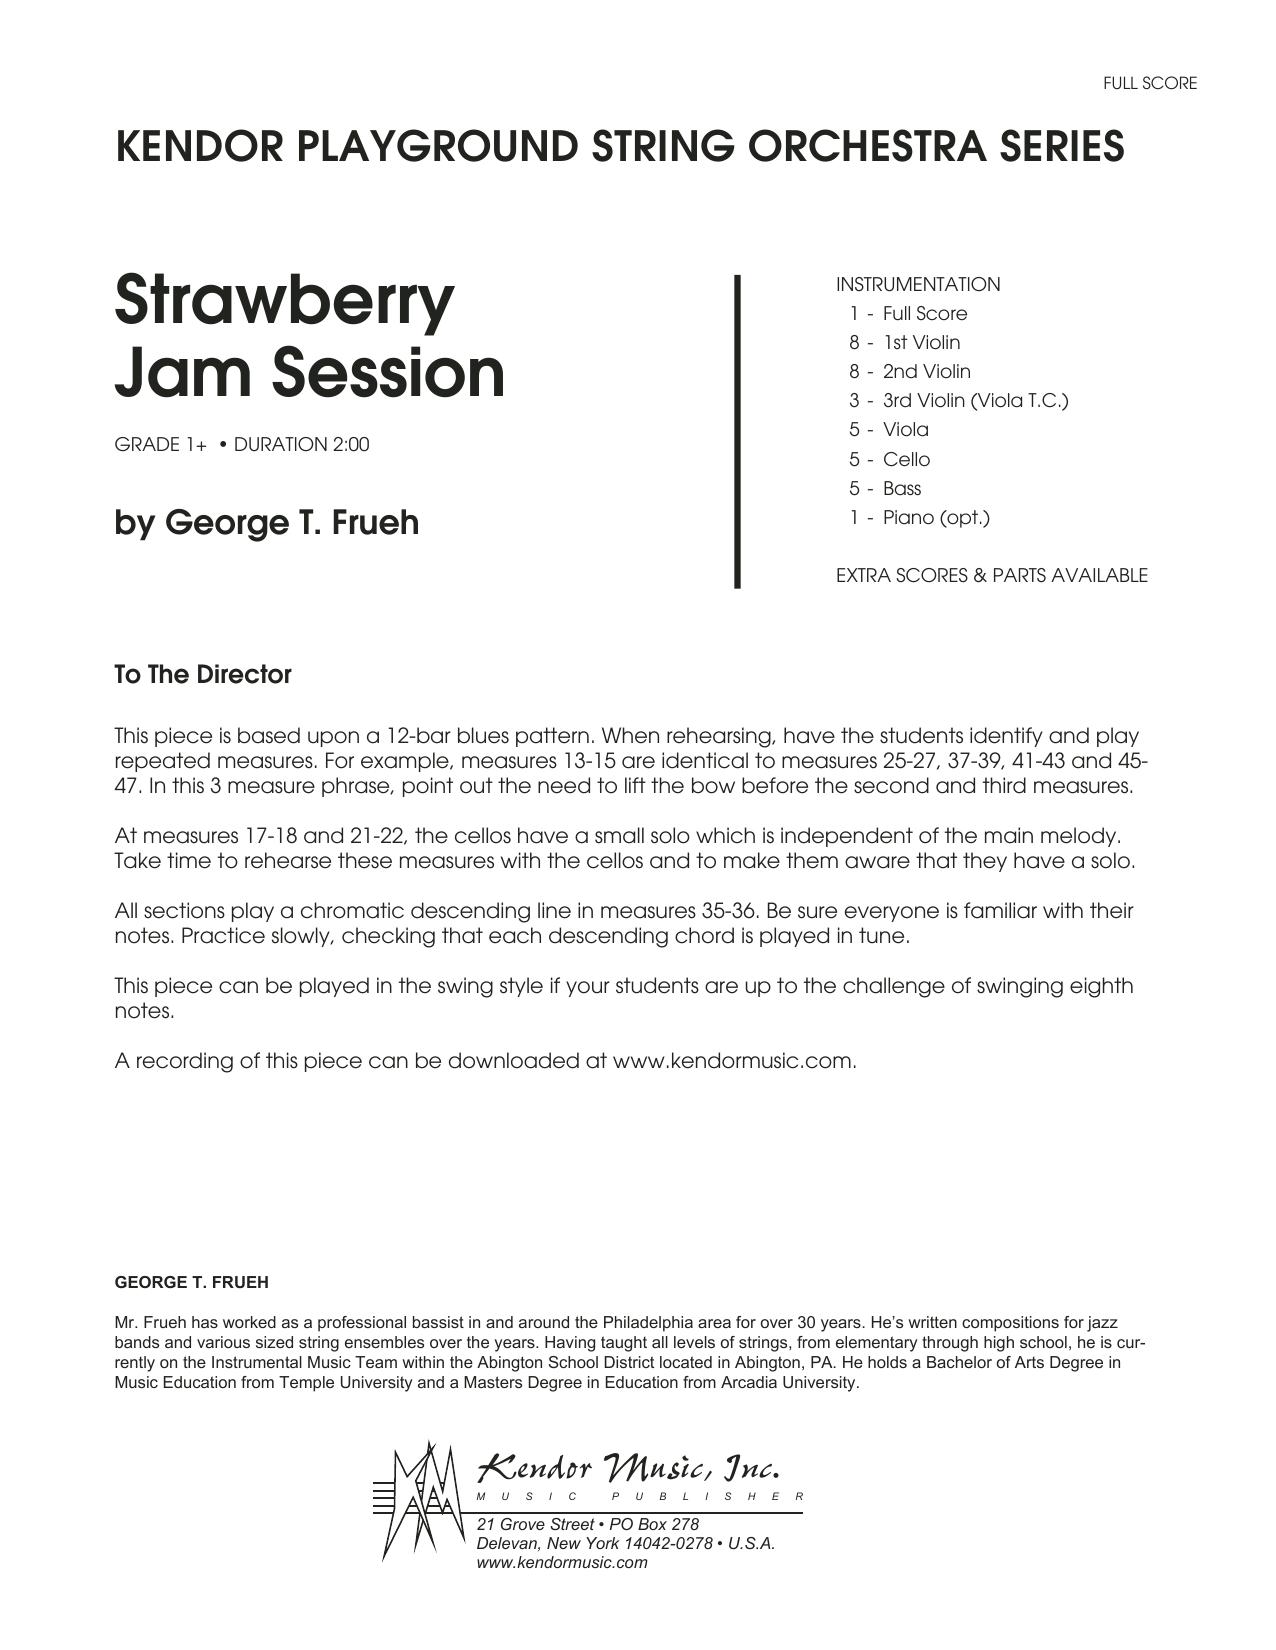 Strawberry Jam Session - Full Score Sheet Music